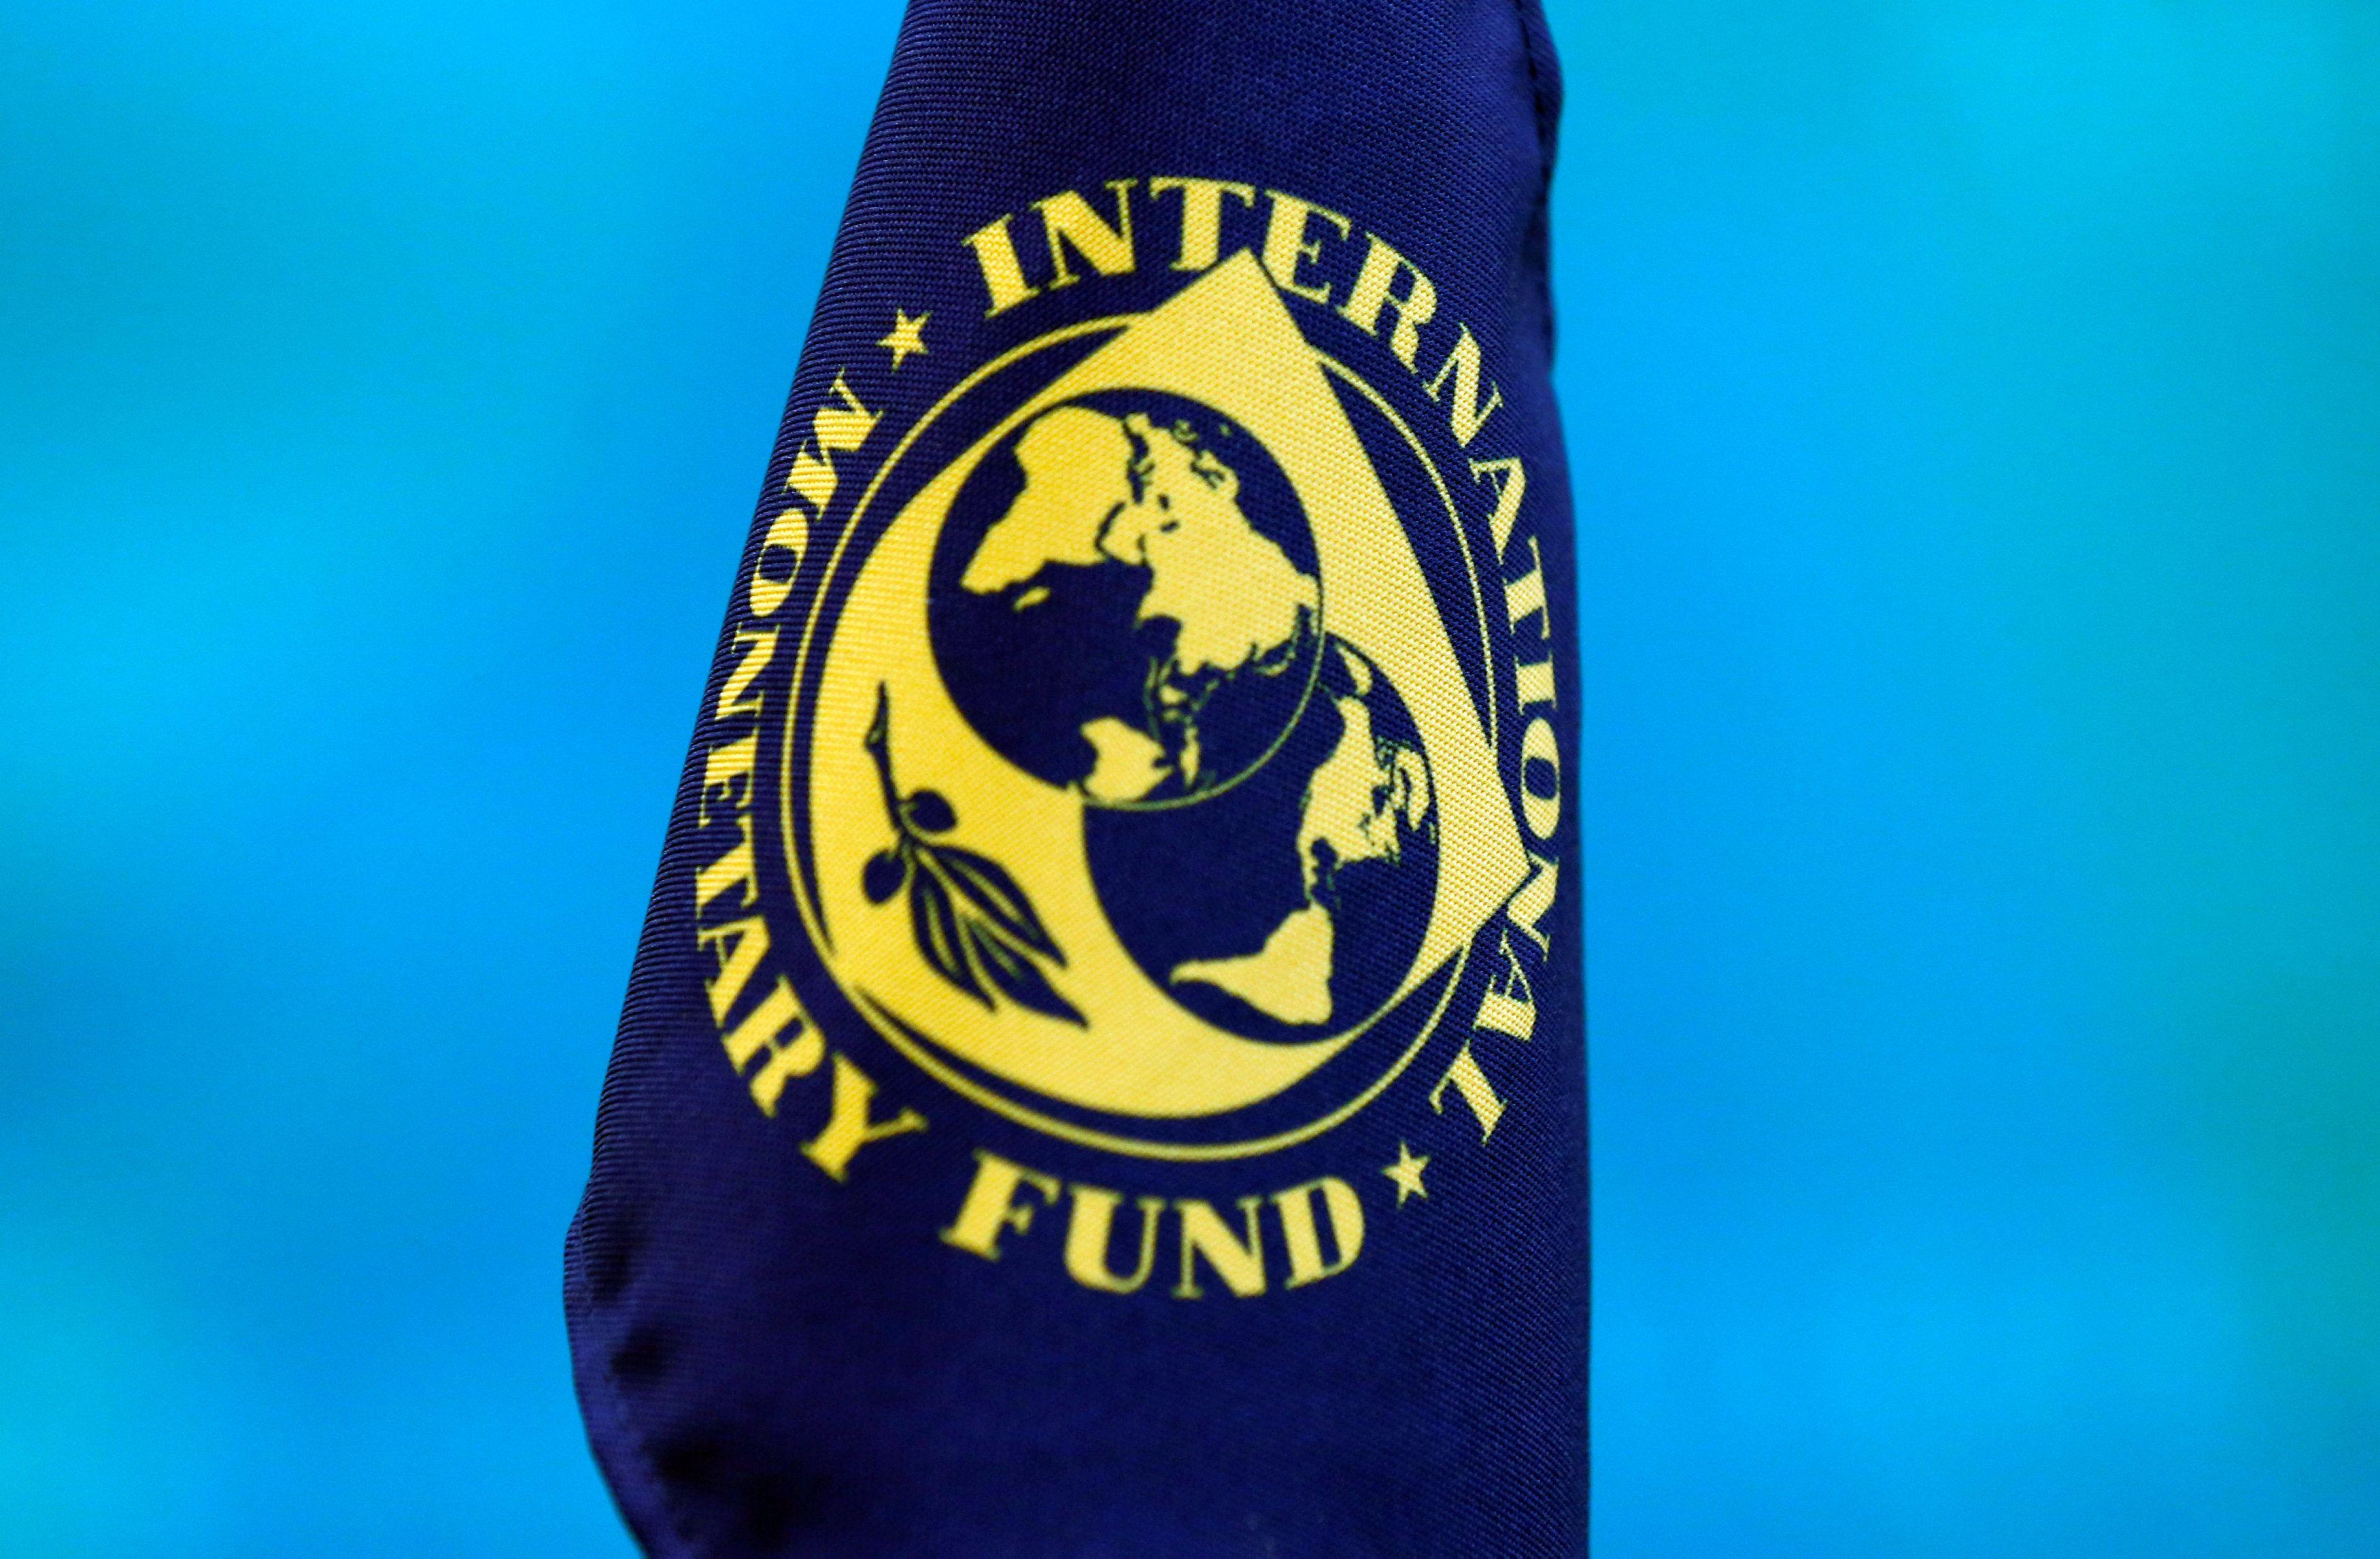 МВФ, как ожидается, выделит Украине почти 2 млрд долларов